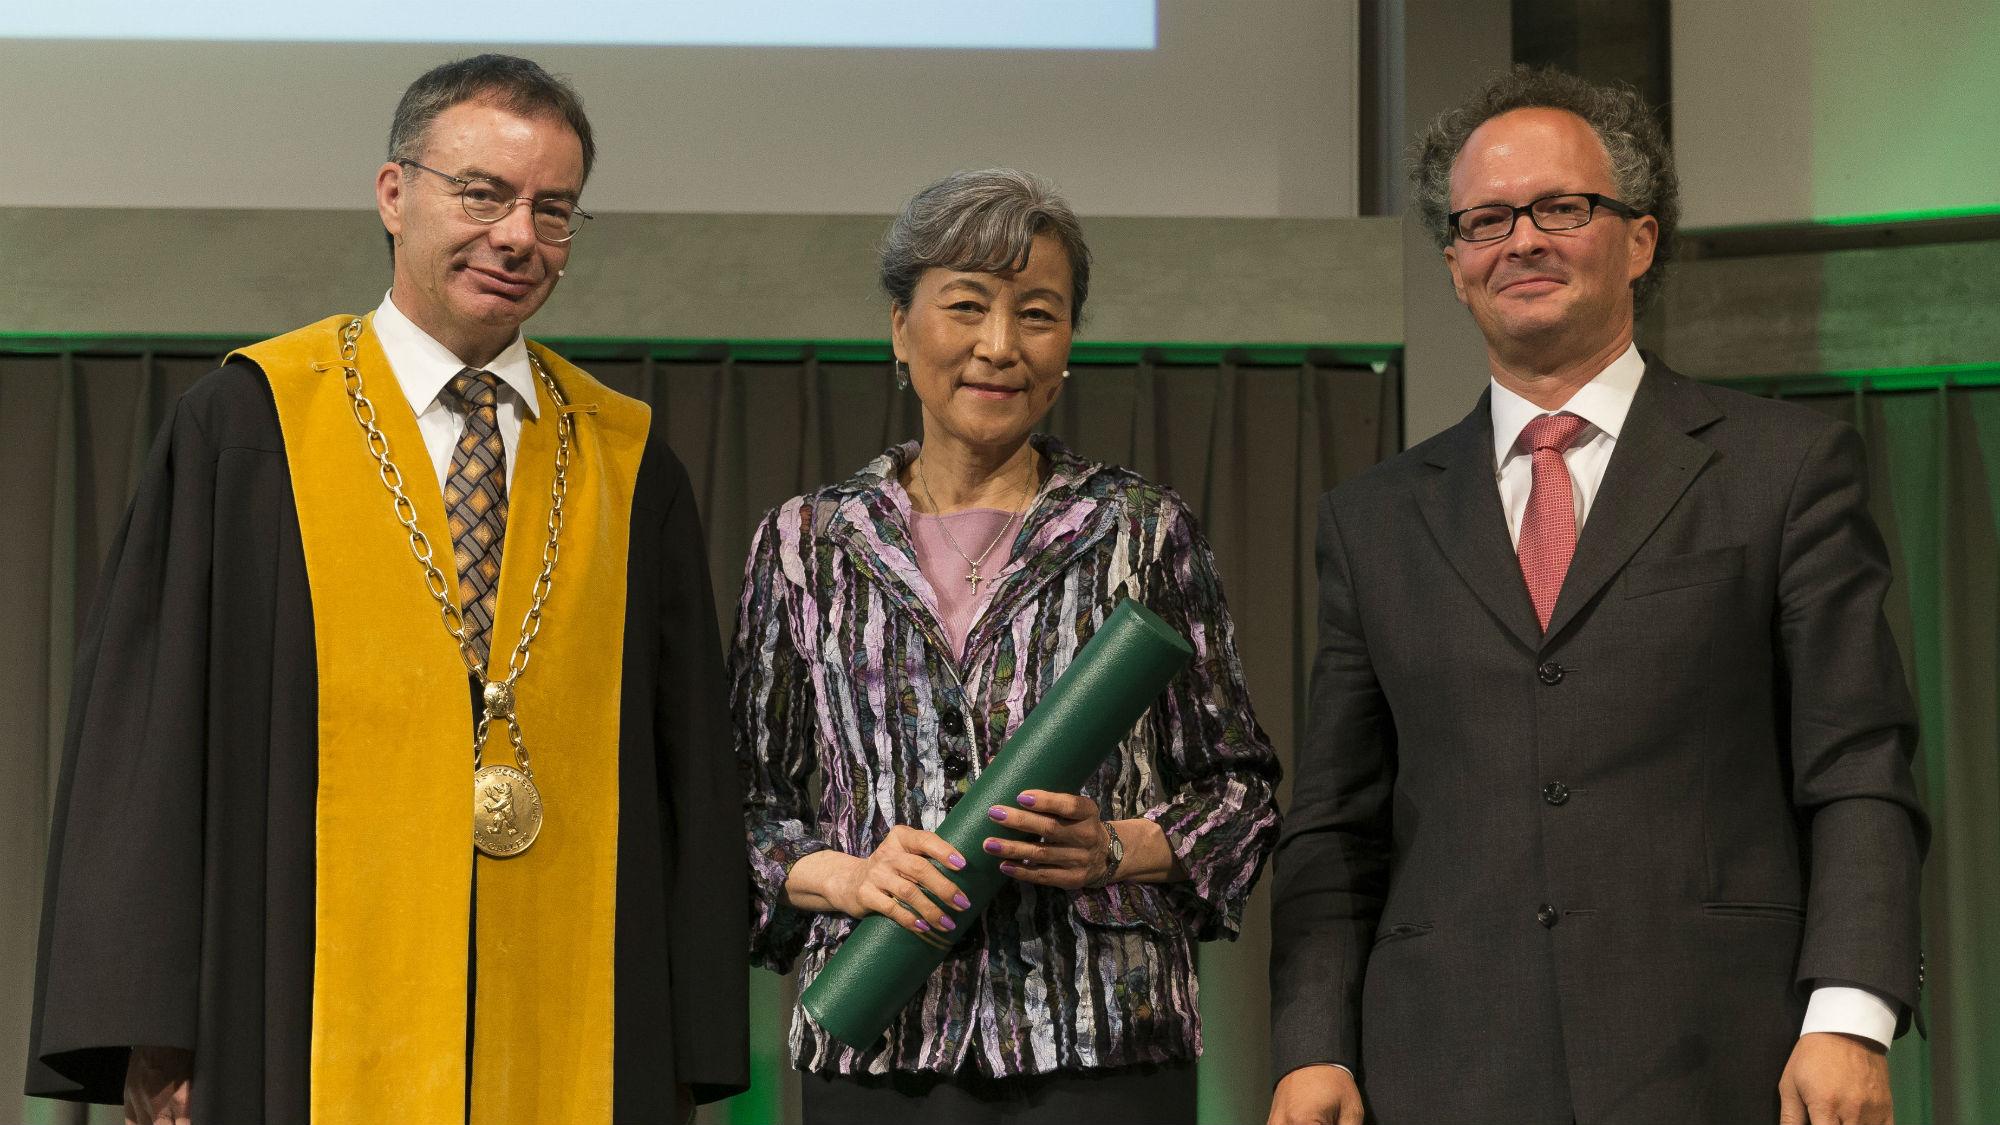 Thomas Bieger, Anne Tsui und Peter Leibfried am Dies